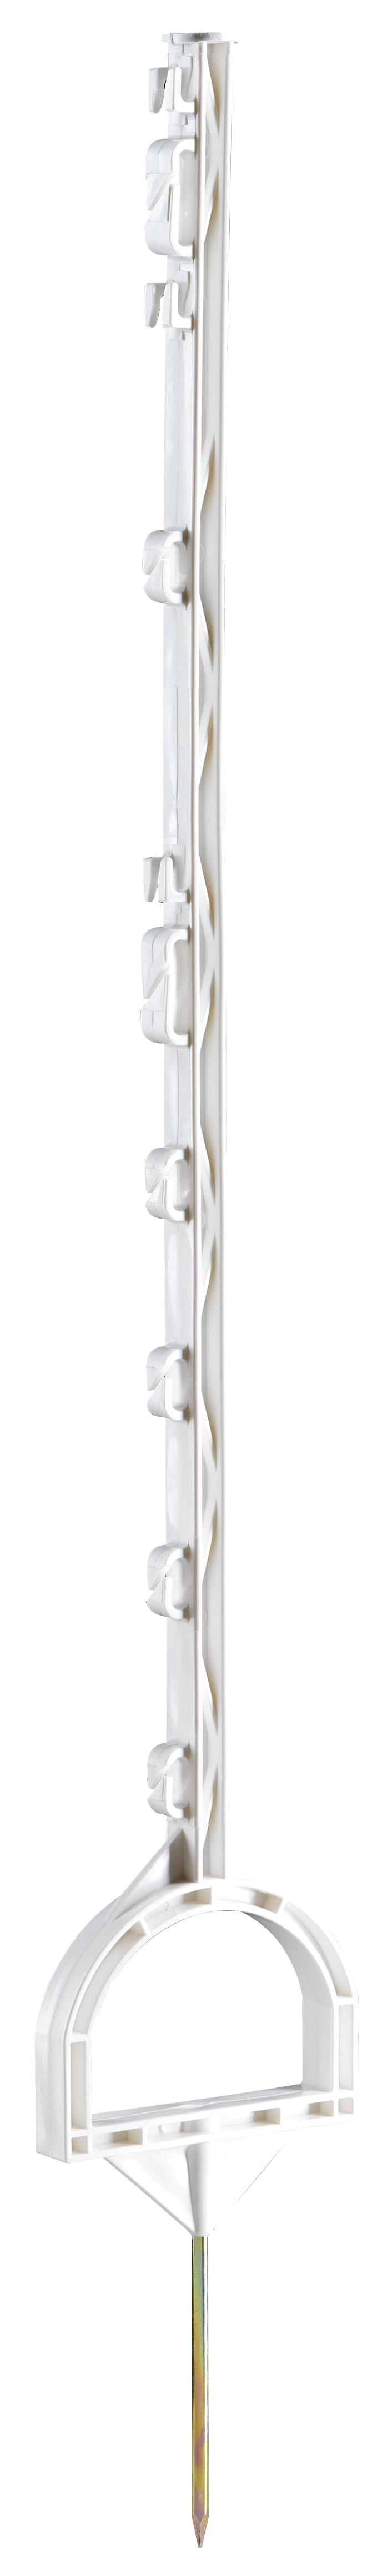 Instappaal met stijgbeugel 114 cm wit